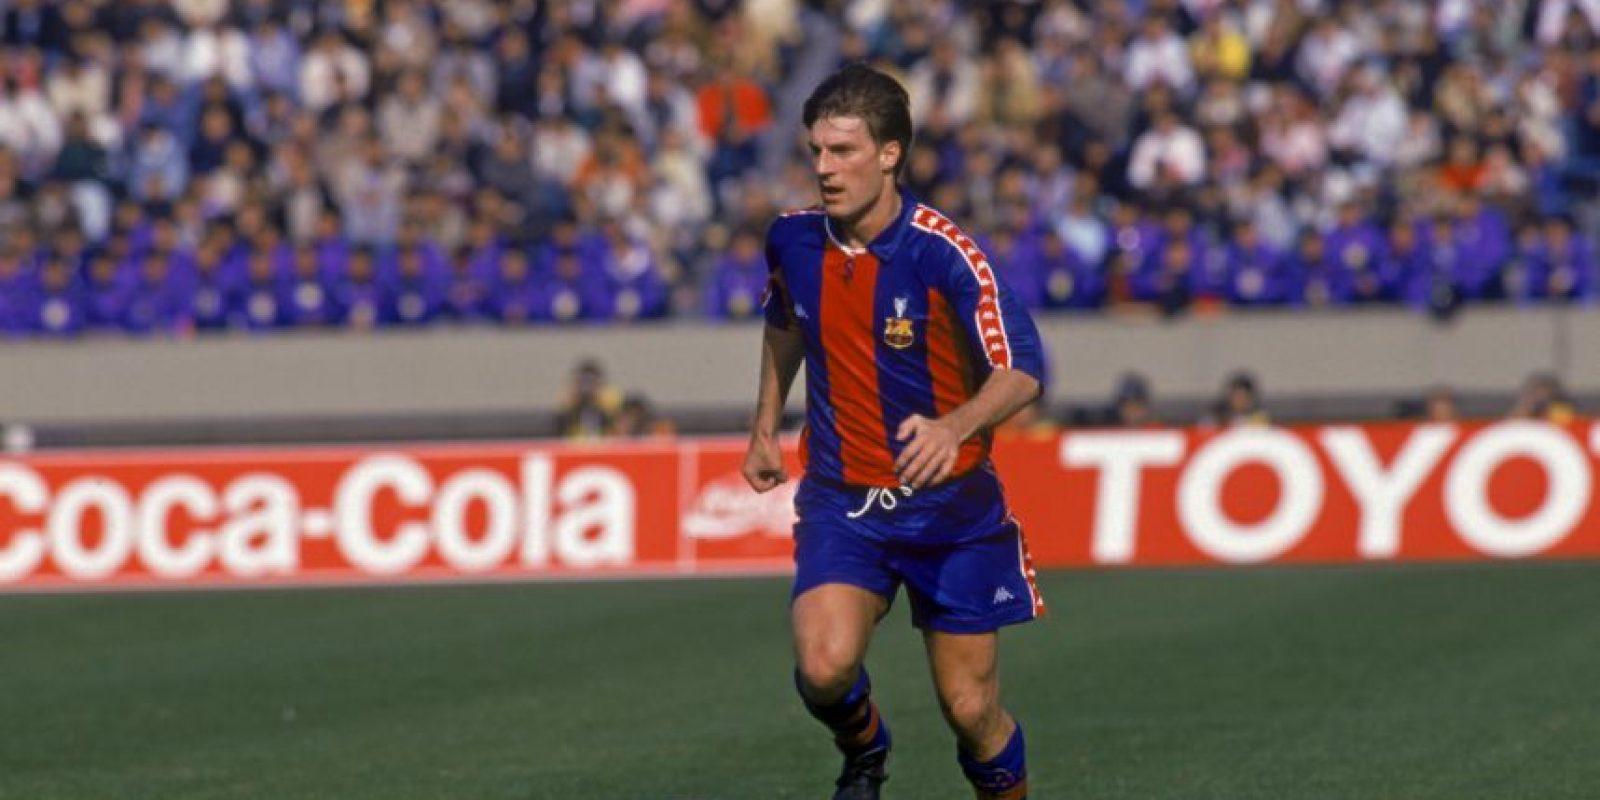 Michael Laudrup fue otro de los jugadores que cambió Barcelona por Real Madrid Foto:Getty Images